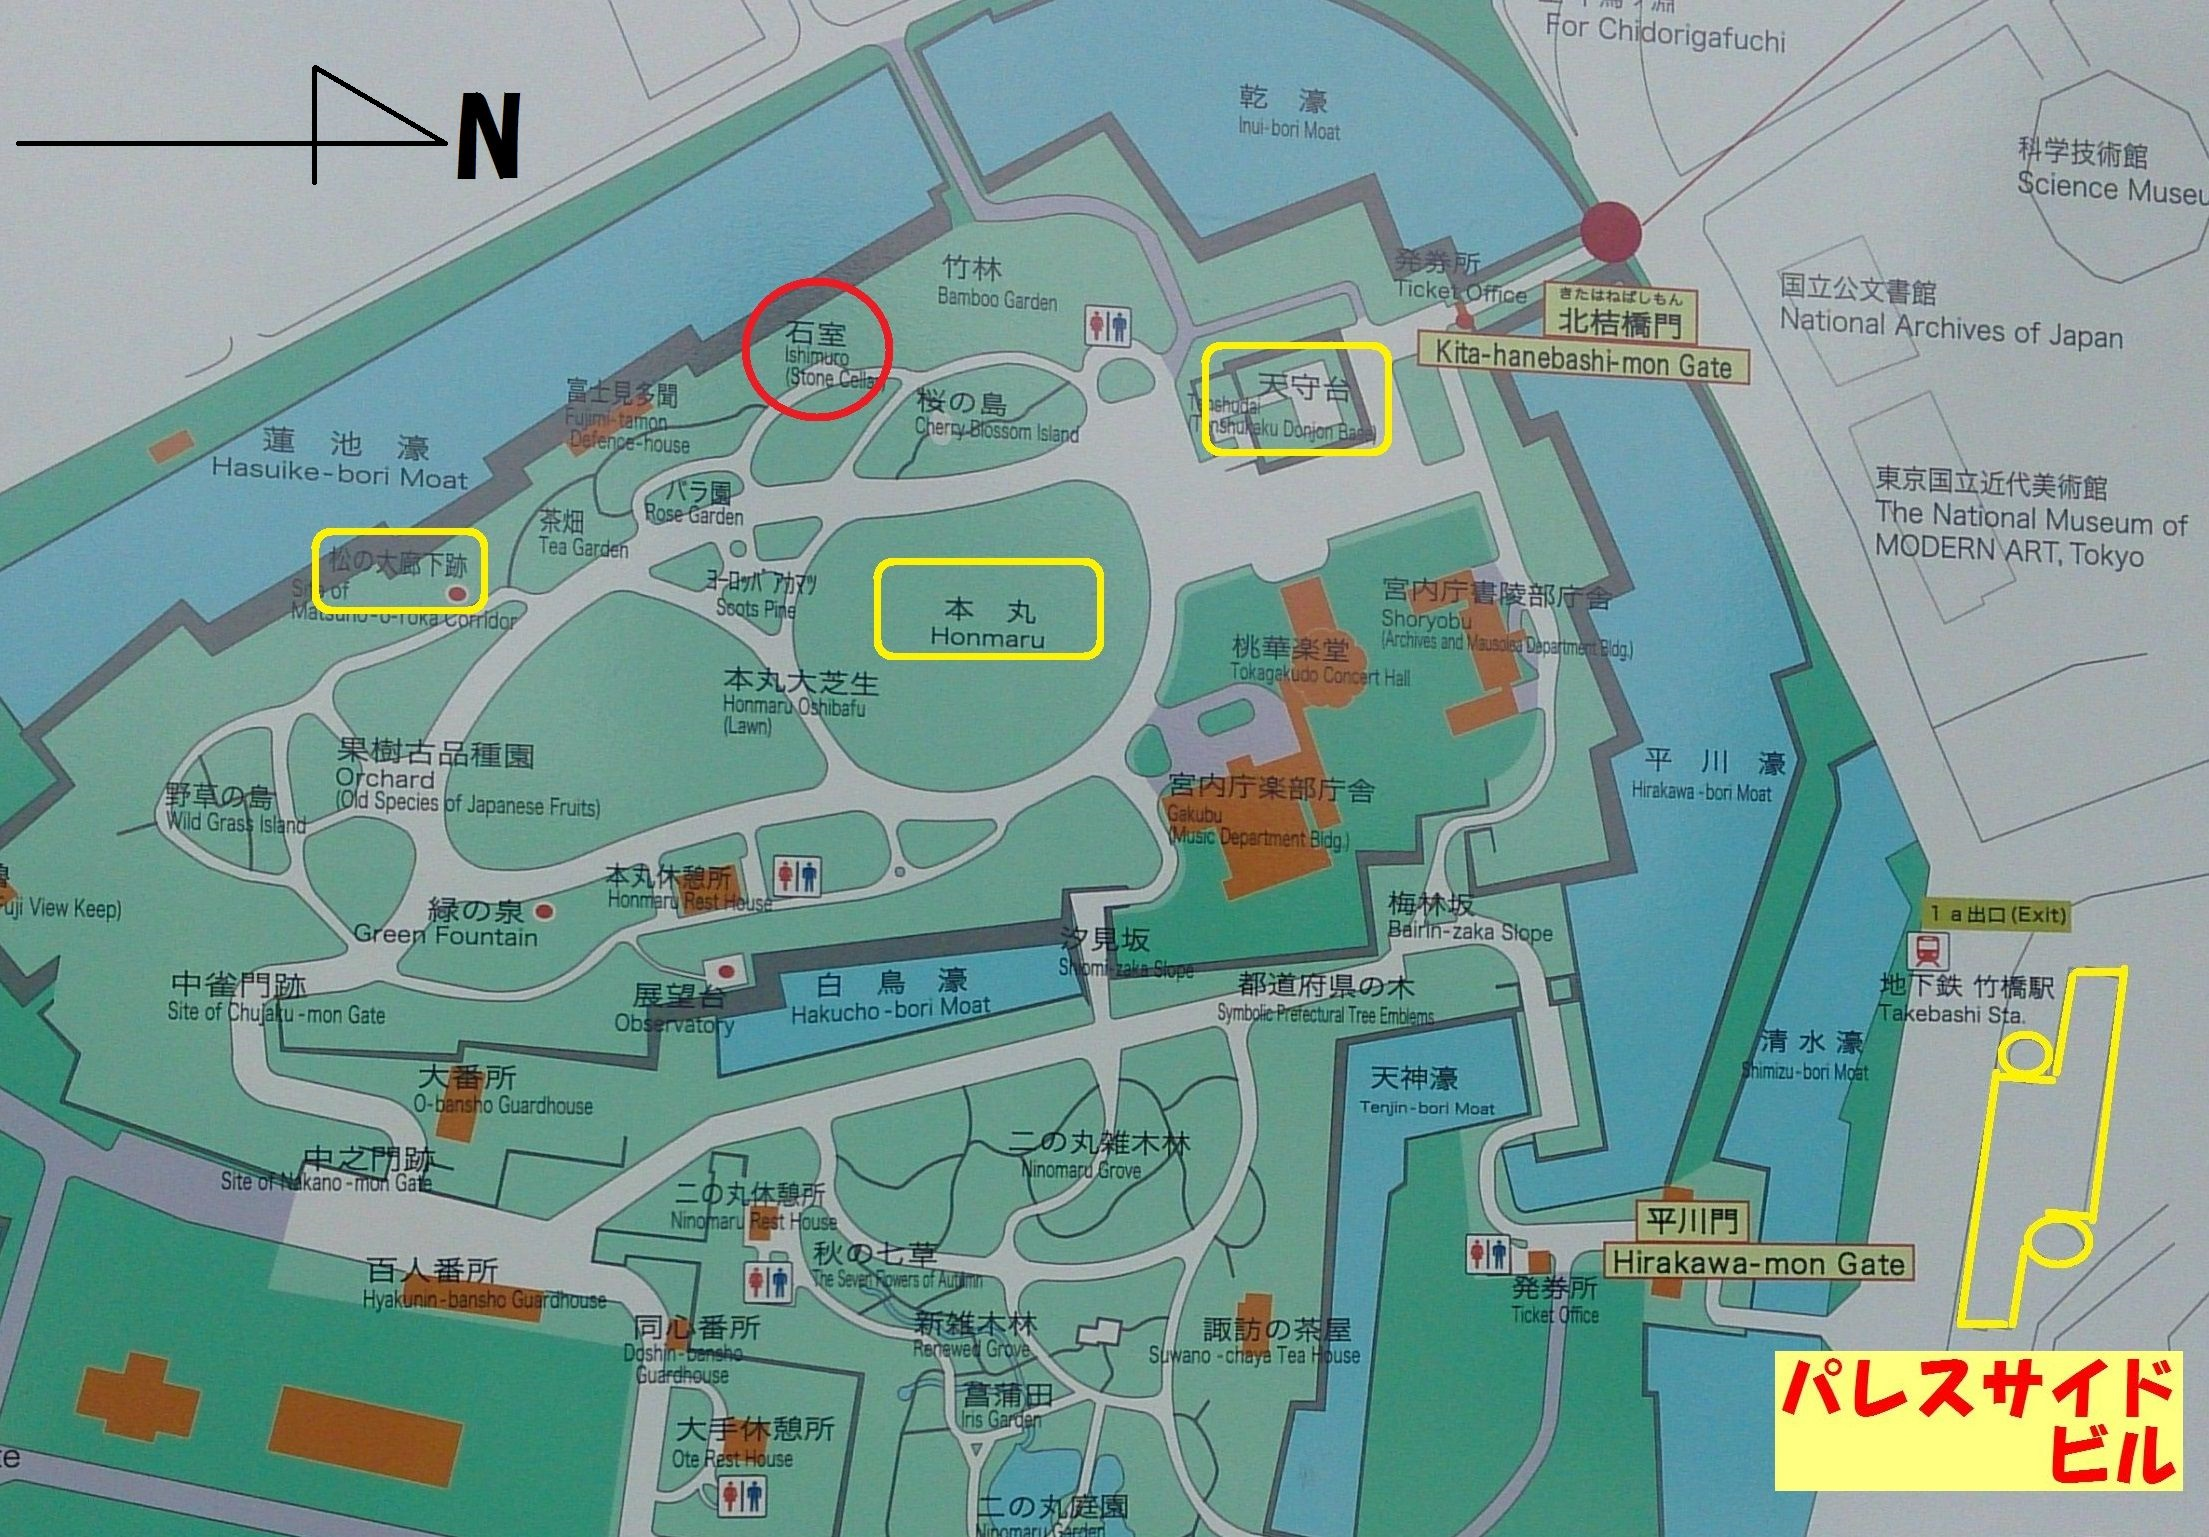 江戸城 石室.jpg